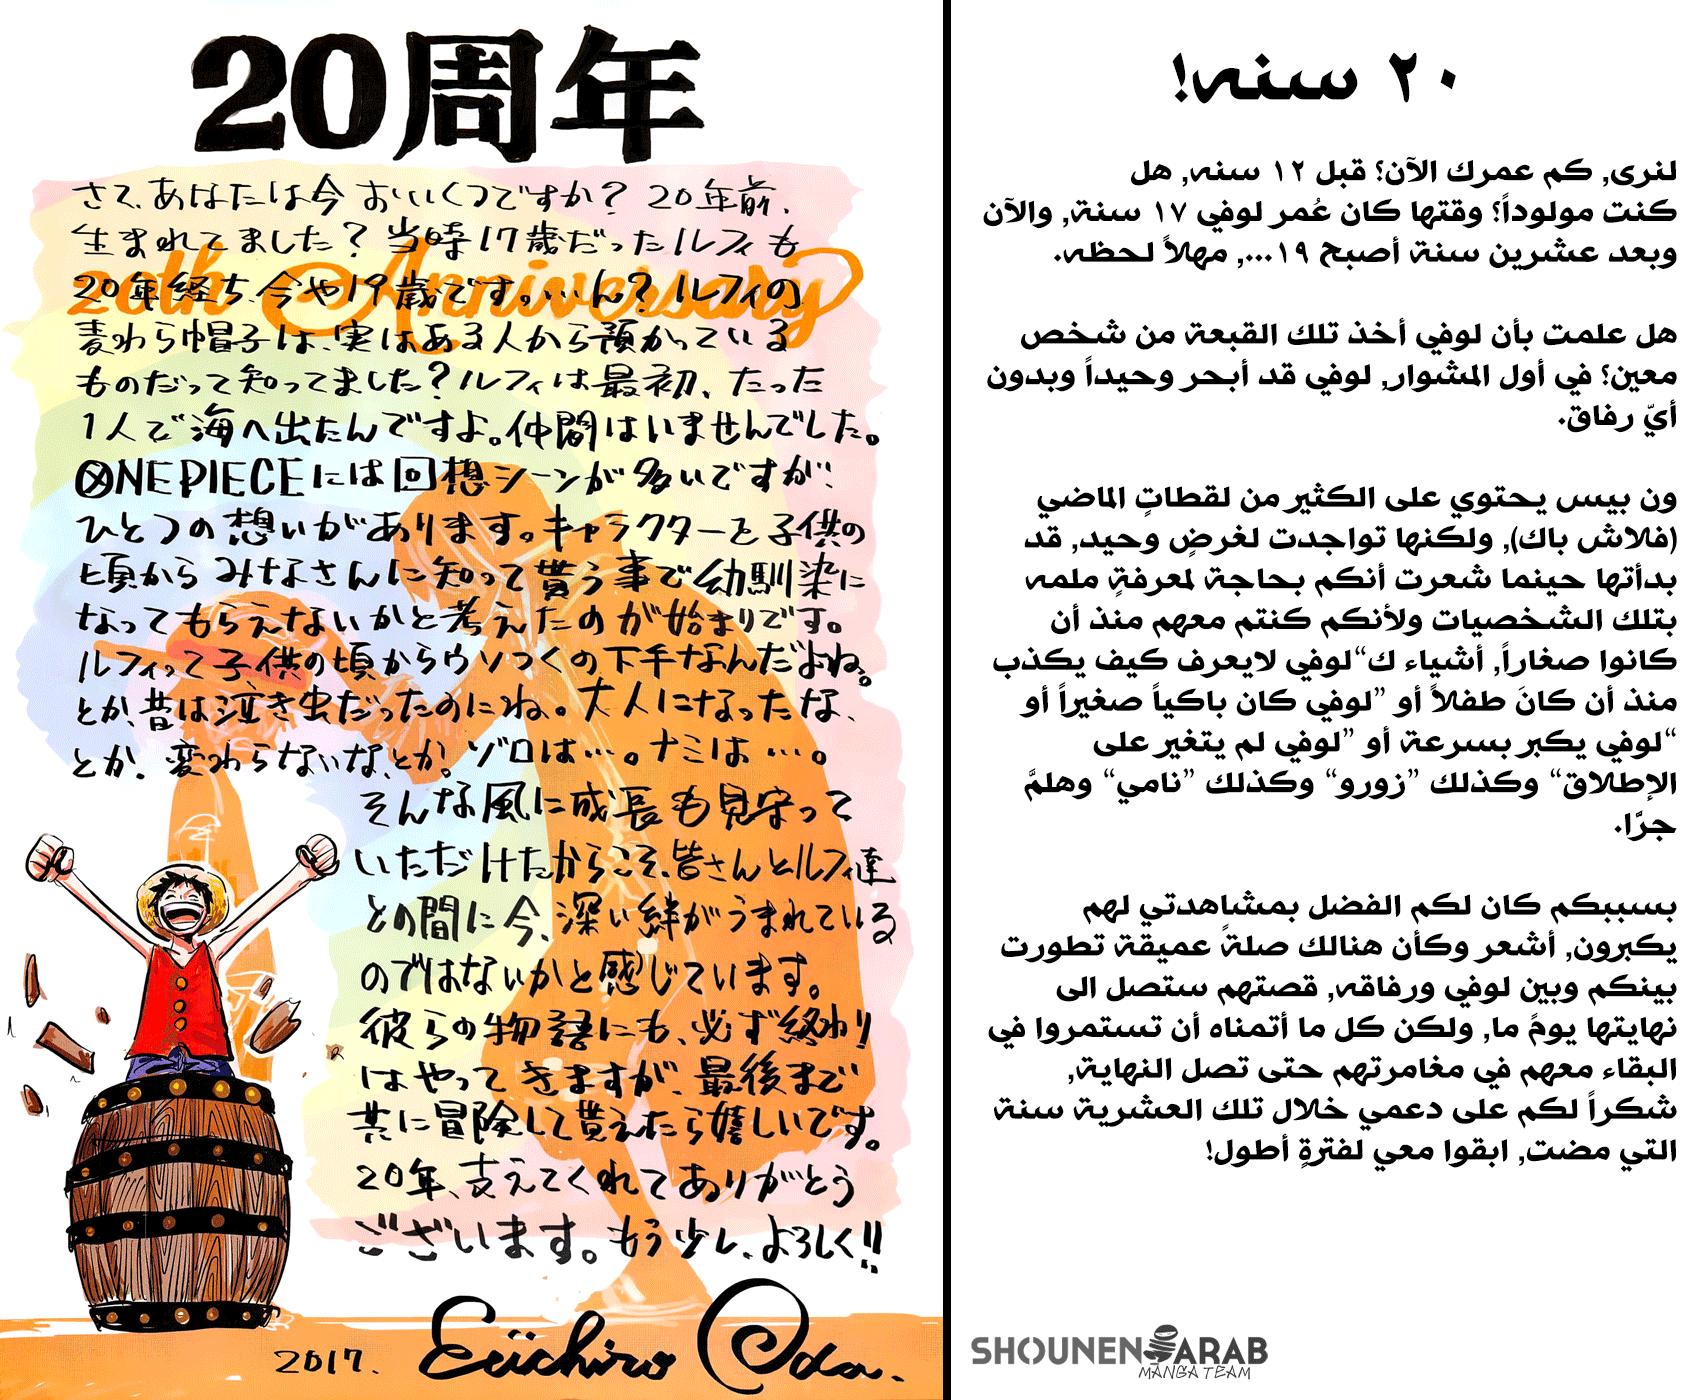 ون بيس 872, One Piece 872